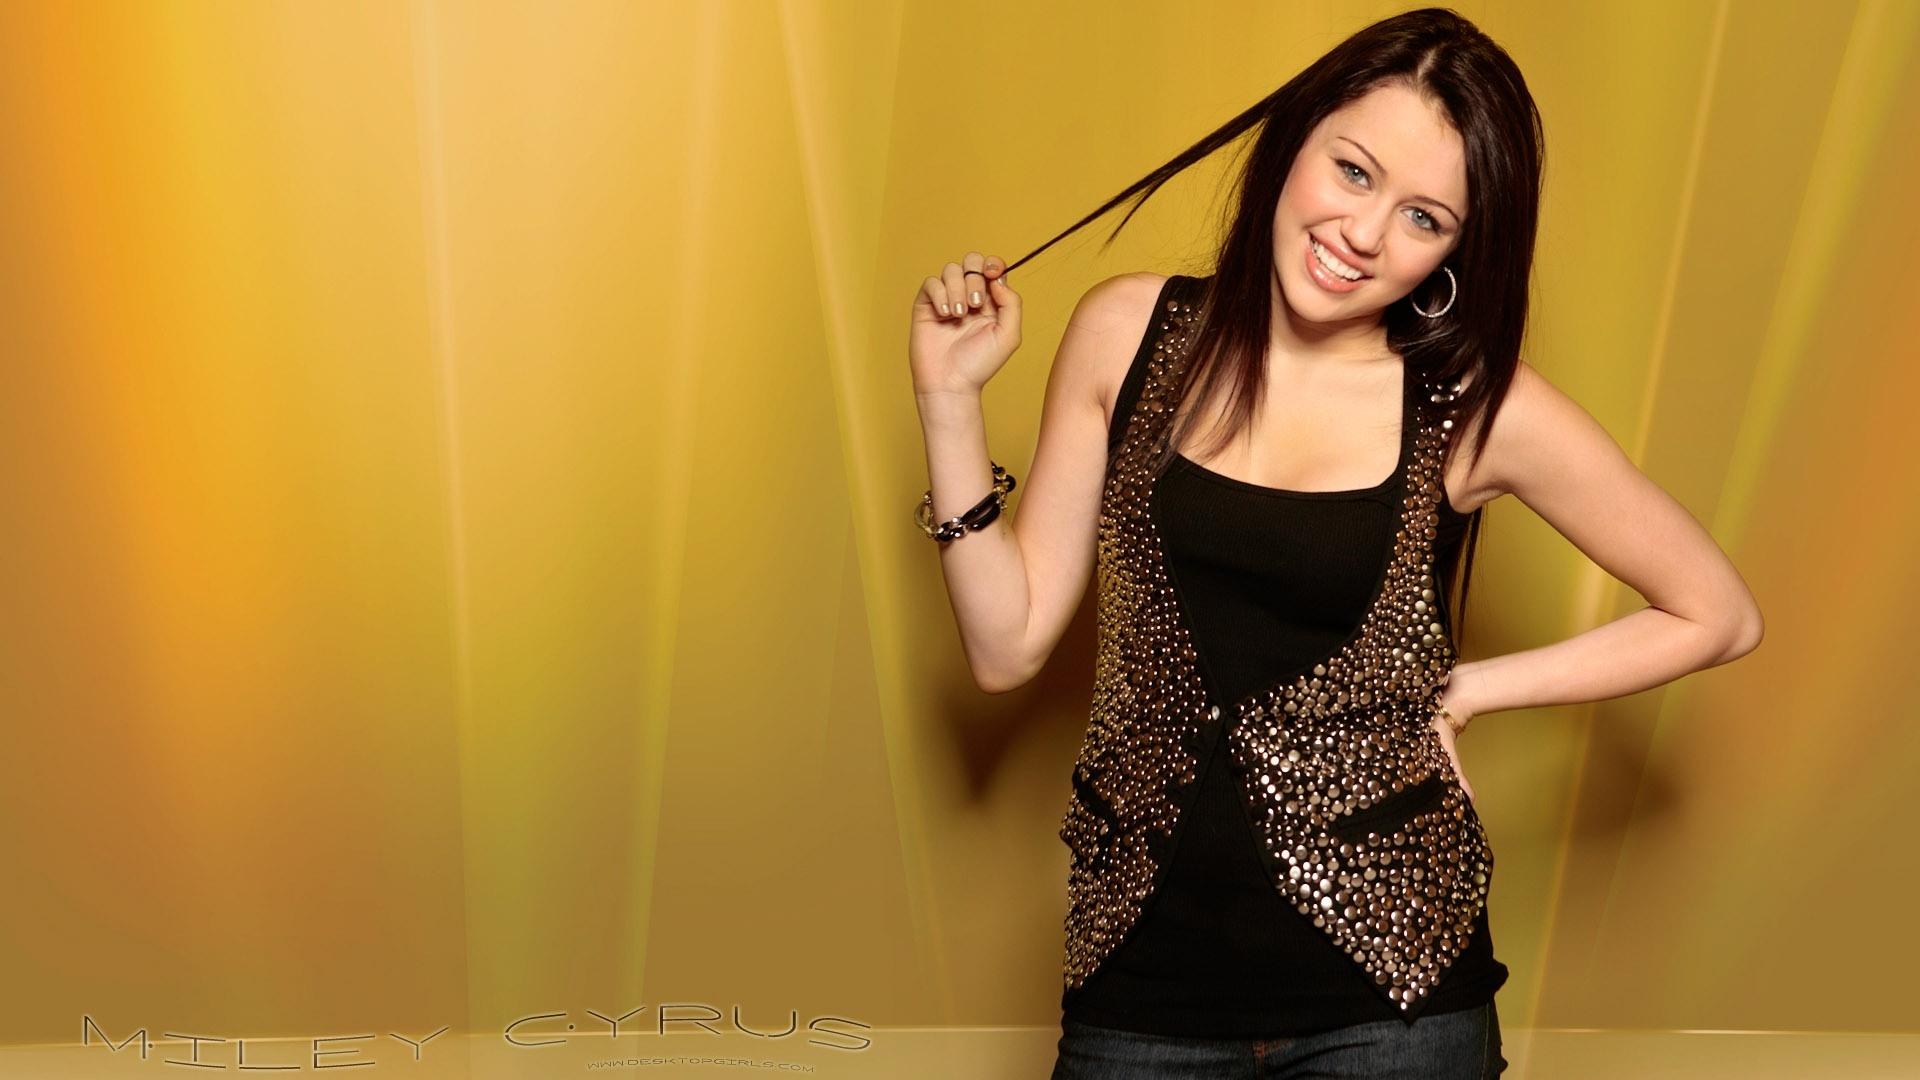 Miley Cyrus Girl Hands Wallpaper Hd Celebrities 4k